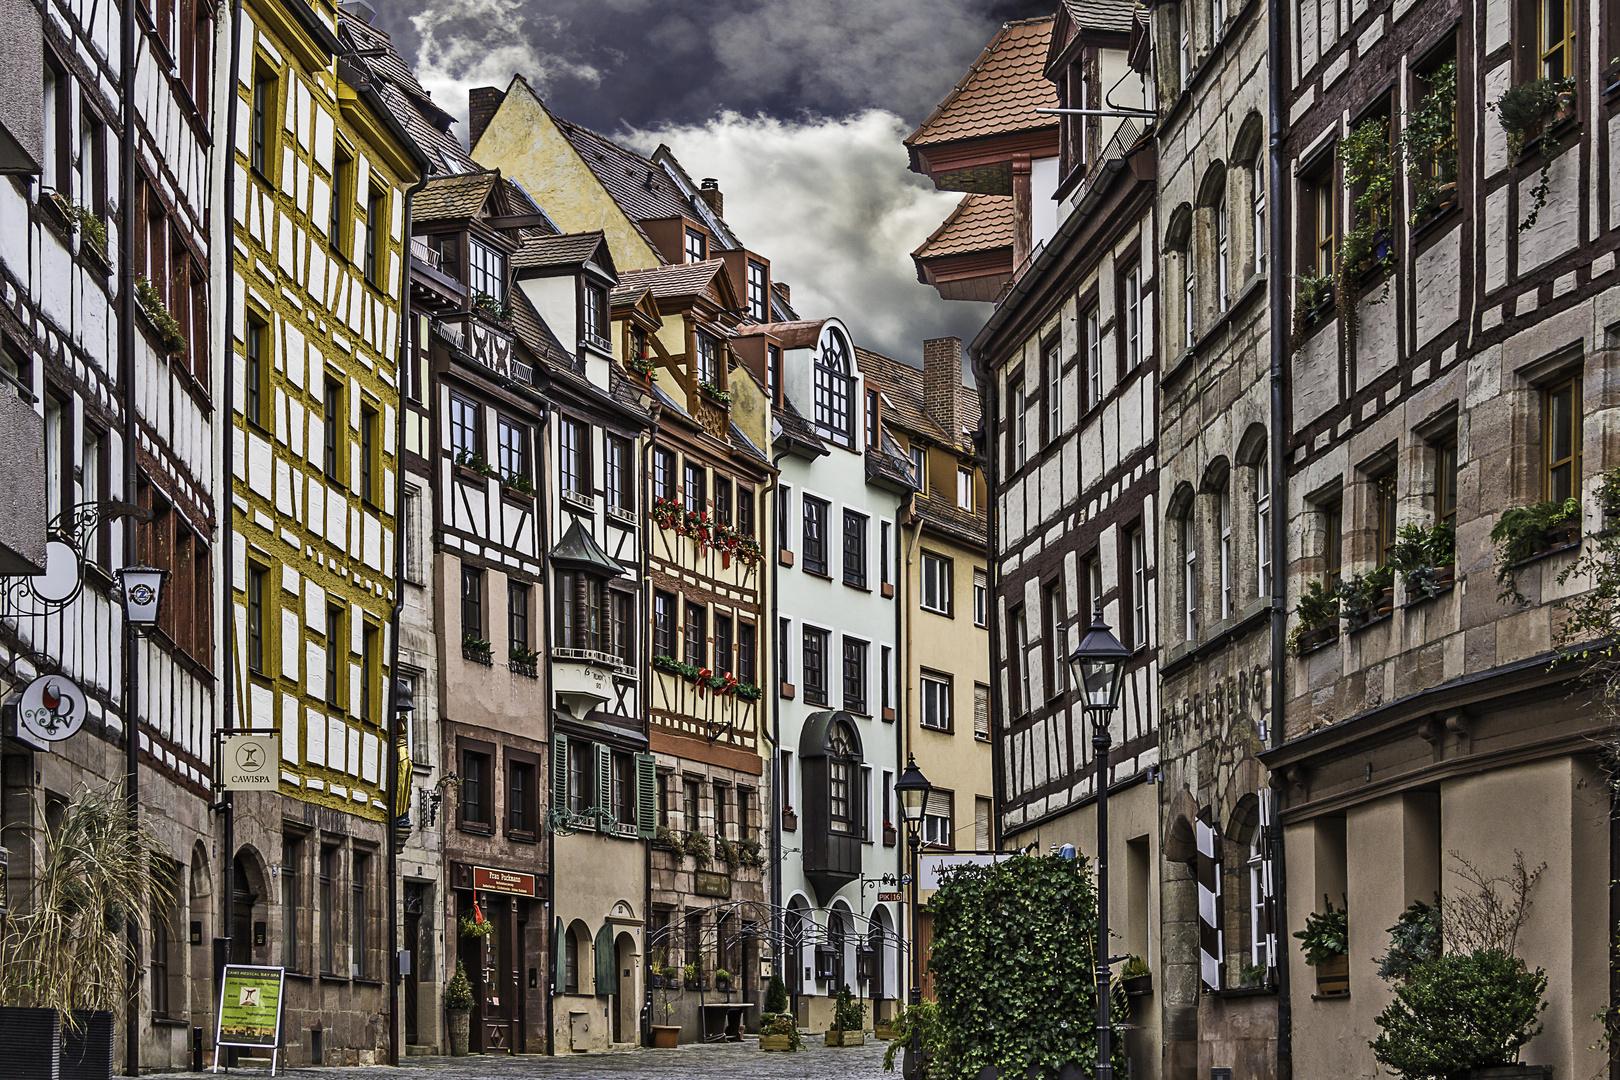 Weissgerbergasse in Nürnberg